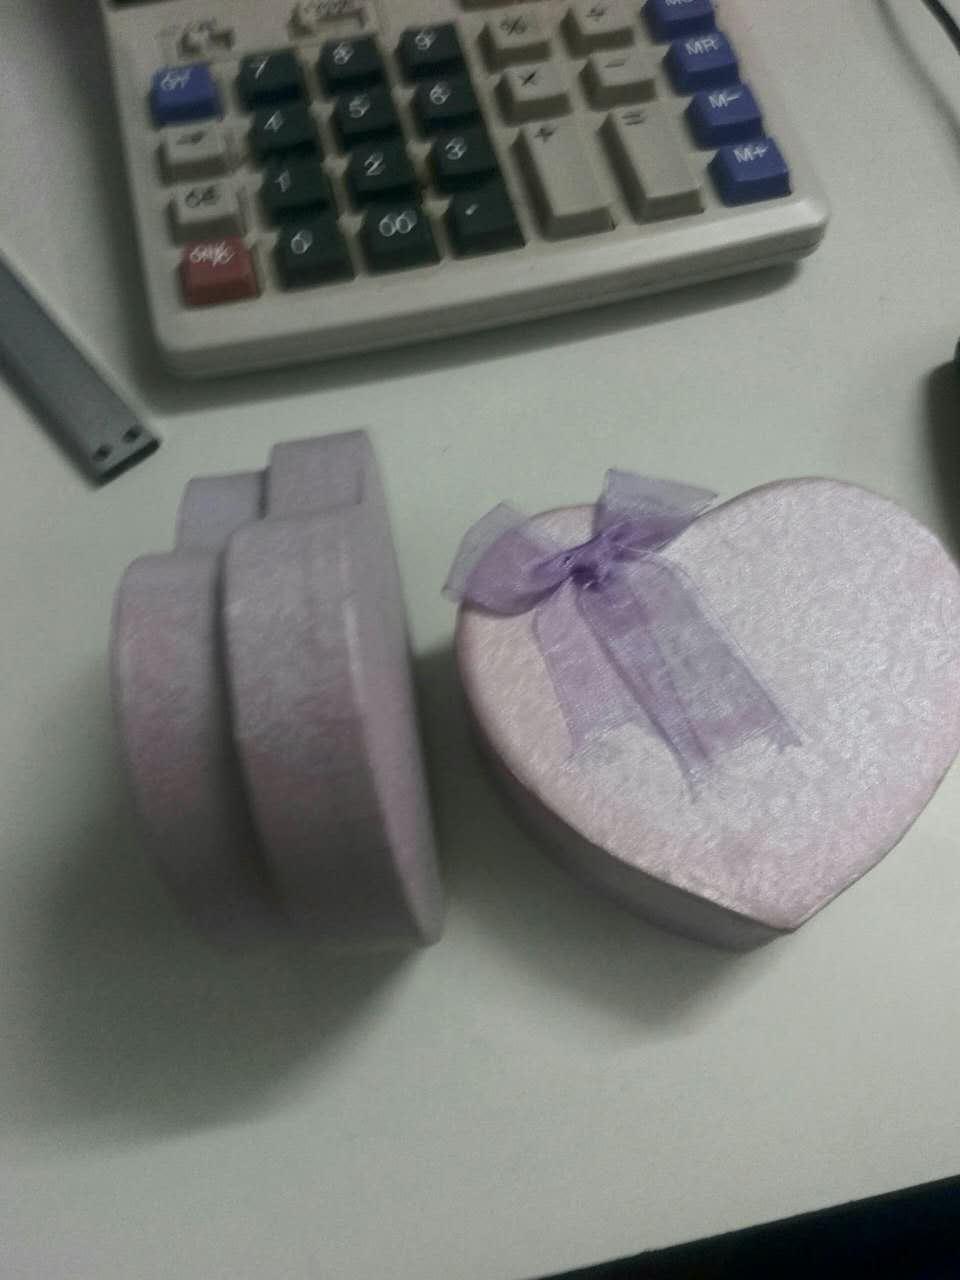 上海印刷加工生产厂家 上海礼品袋加工供应 上海礼盒批发厂家